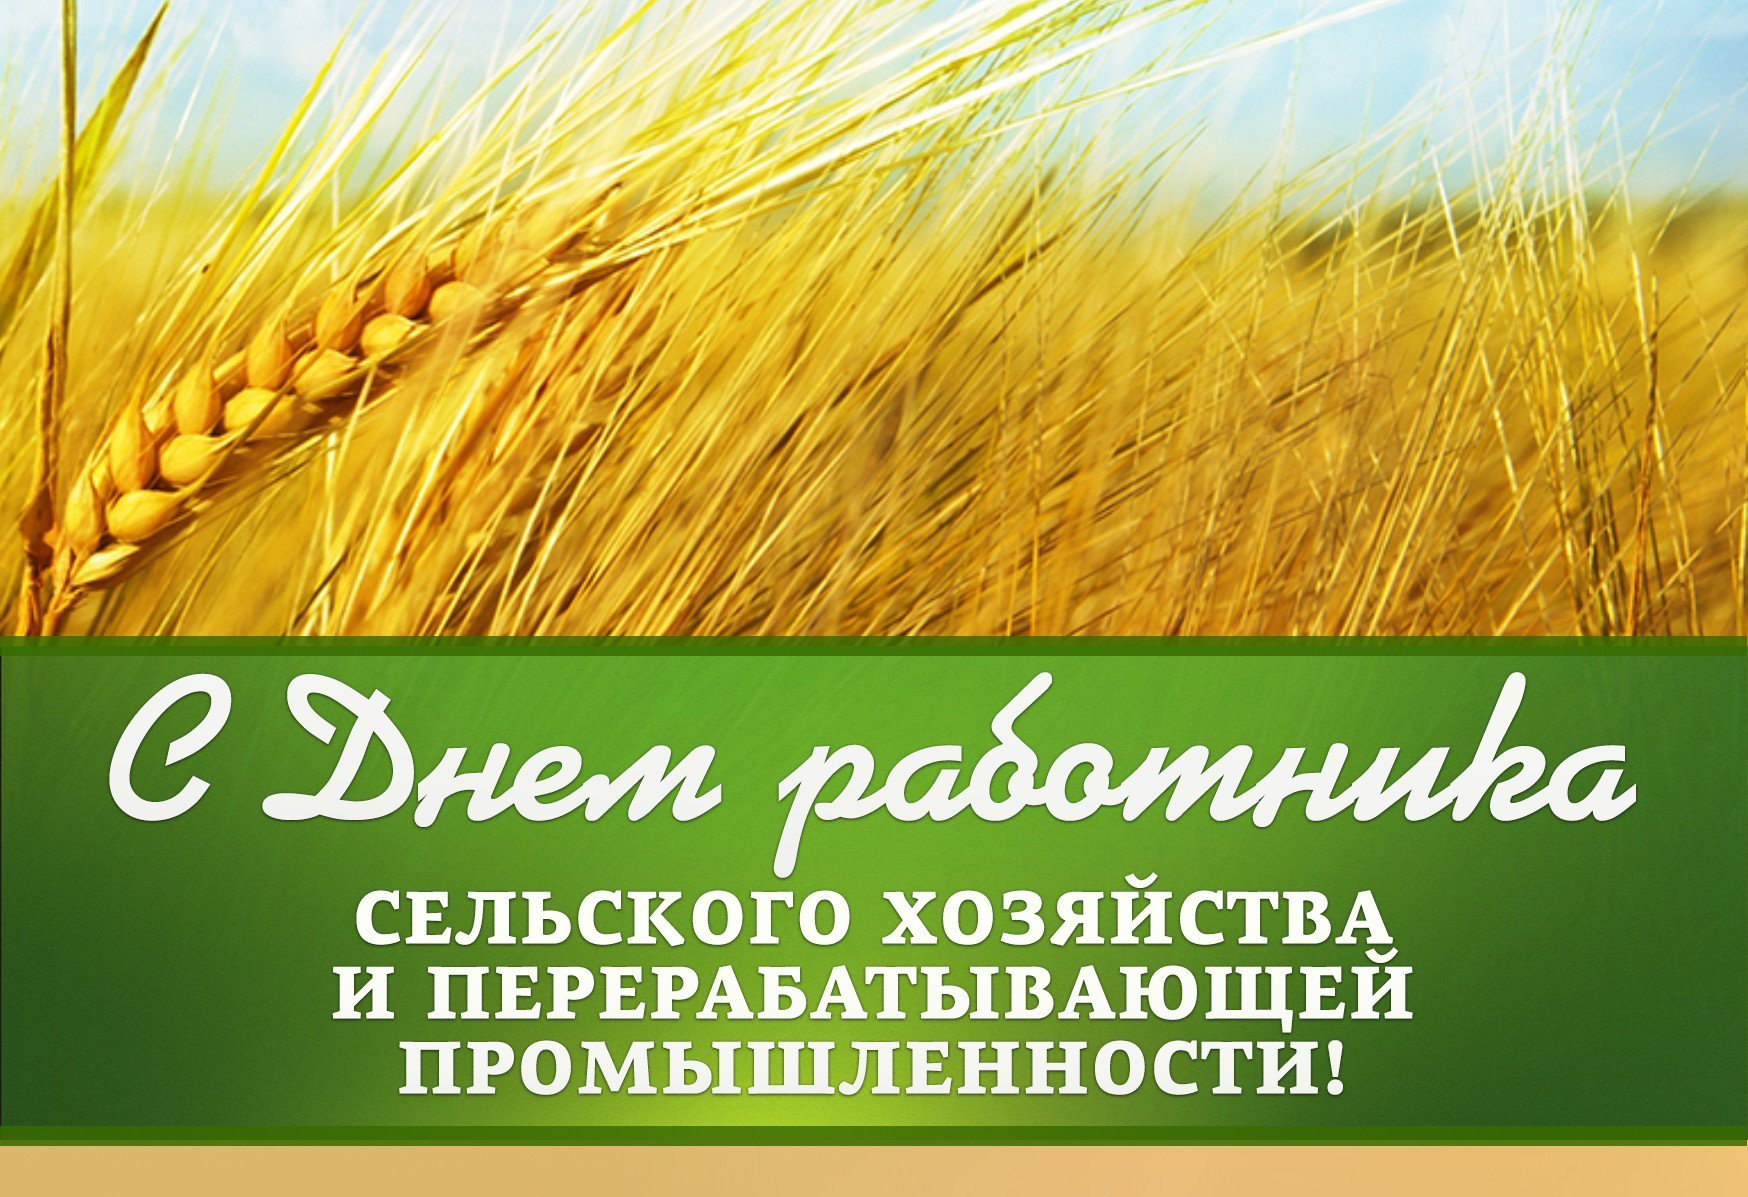 Поздравления картинки, открытки день сельхоз работника